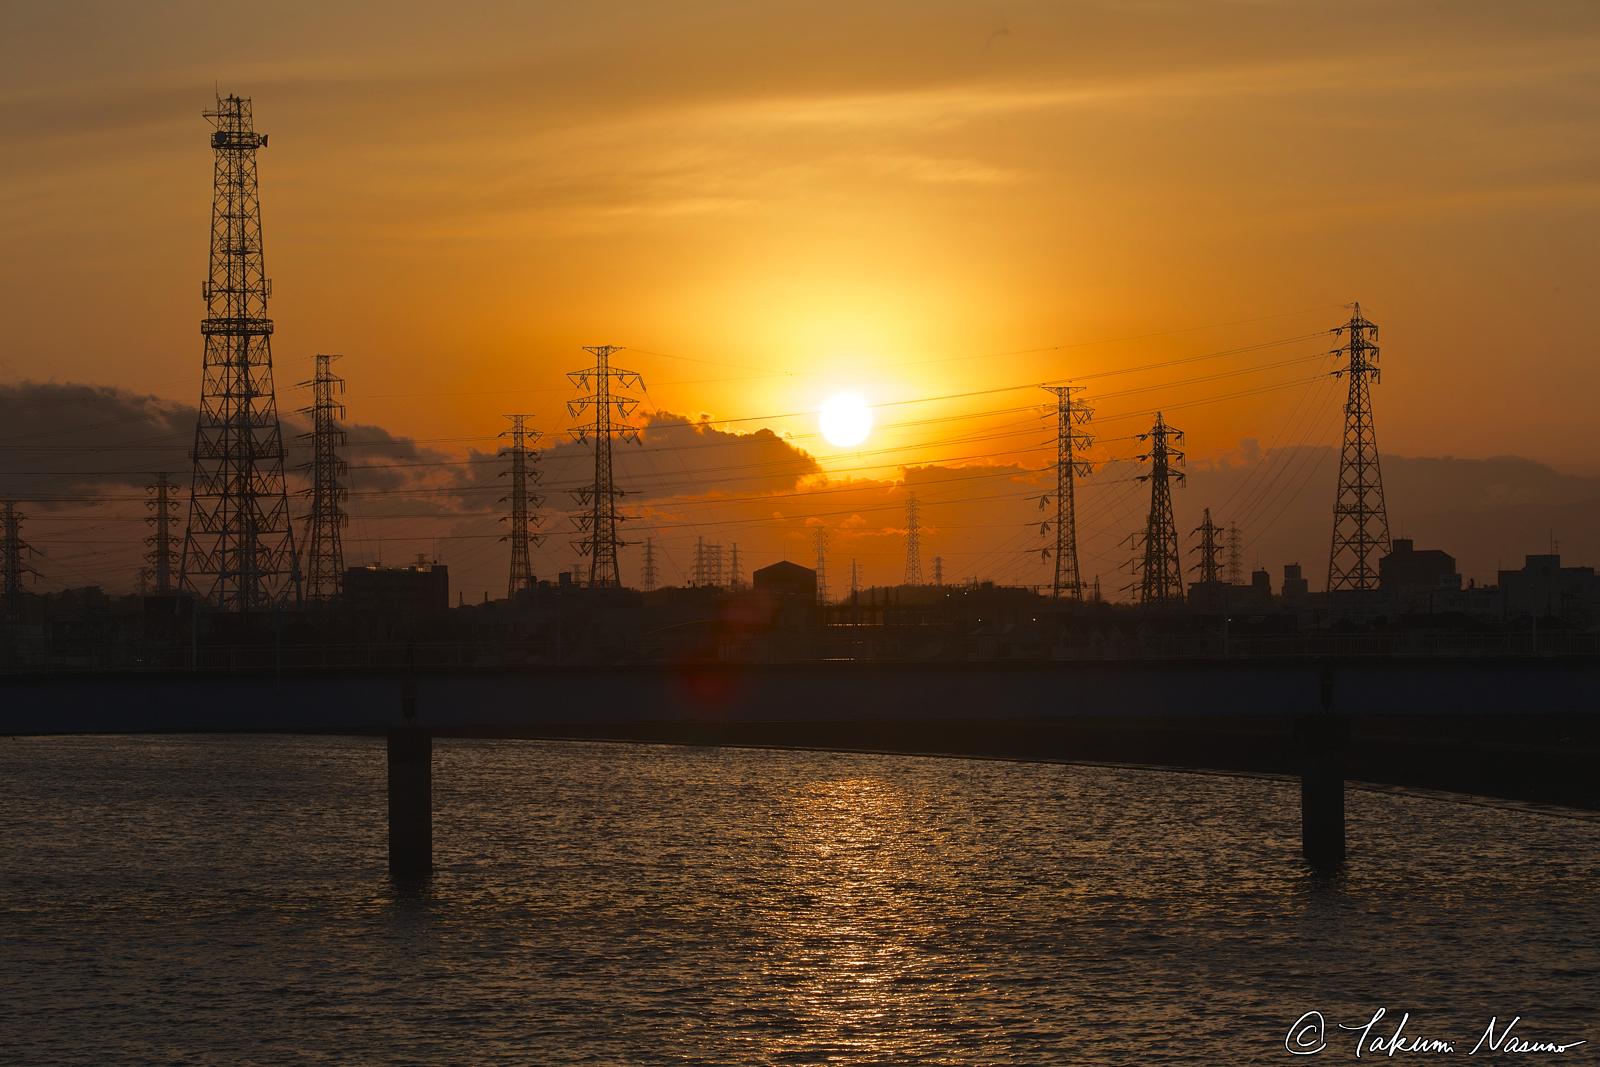 Tsurumi_Tsurumi-River_w13